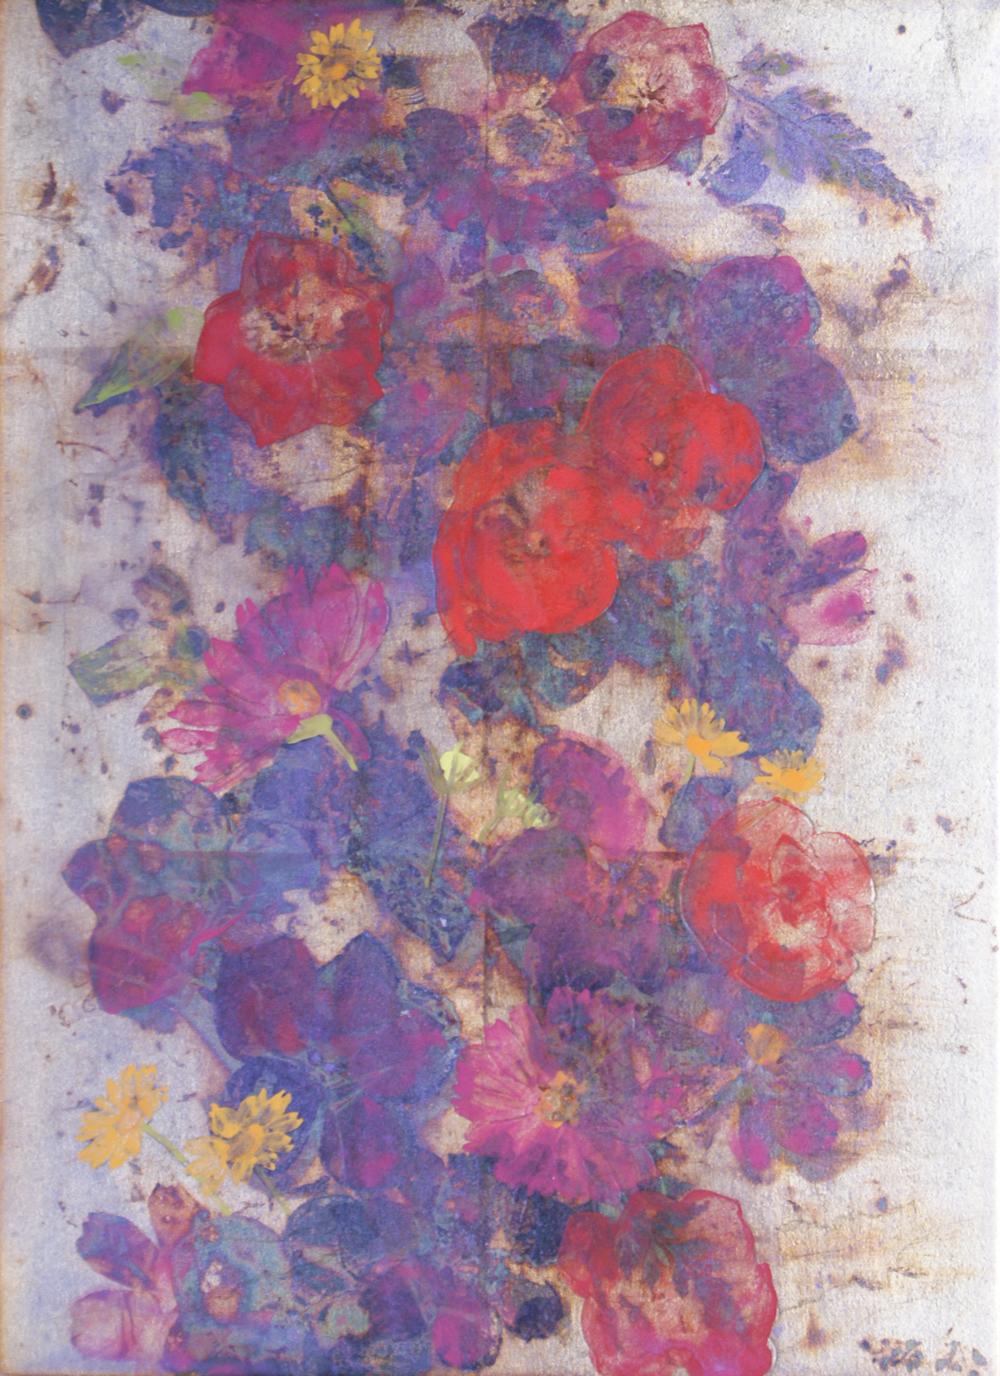 Flowers-vol.2.jpg